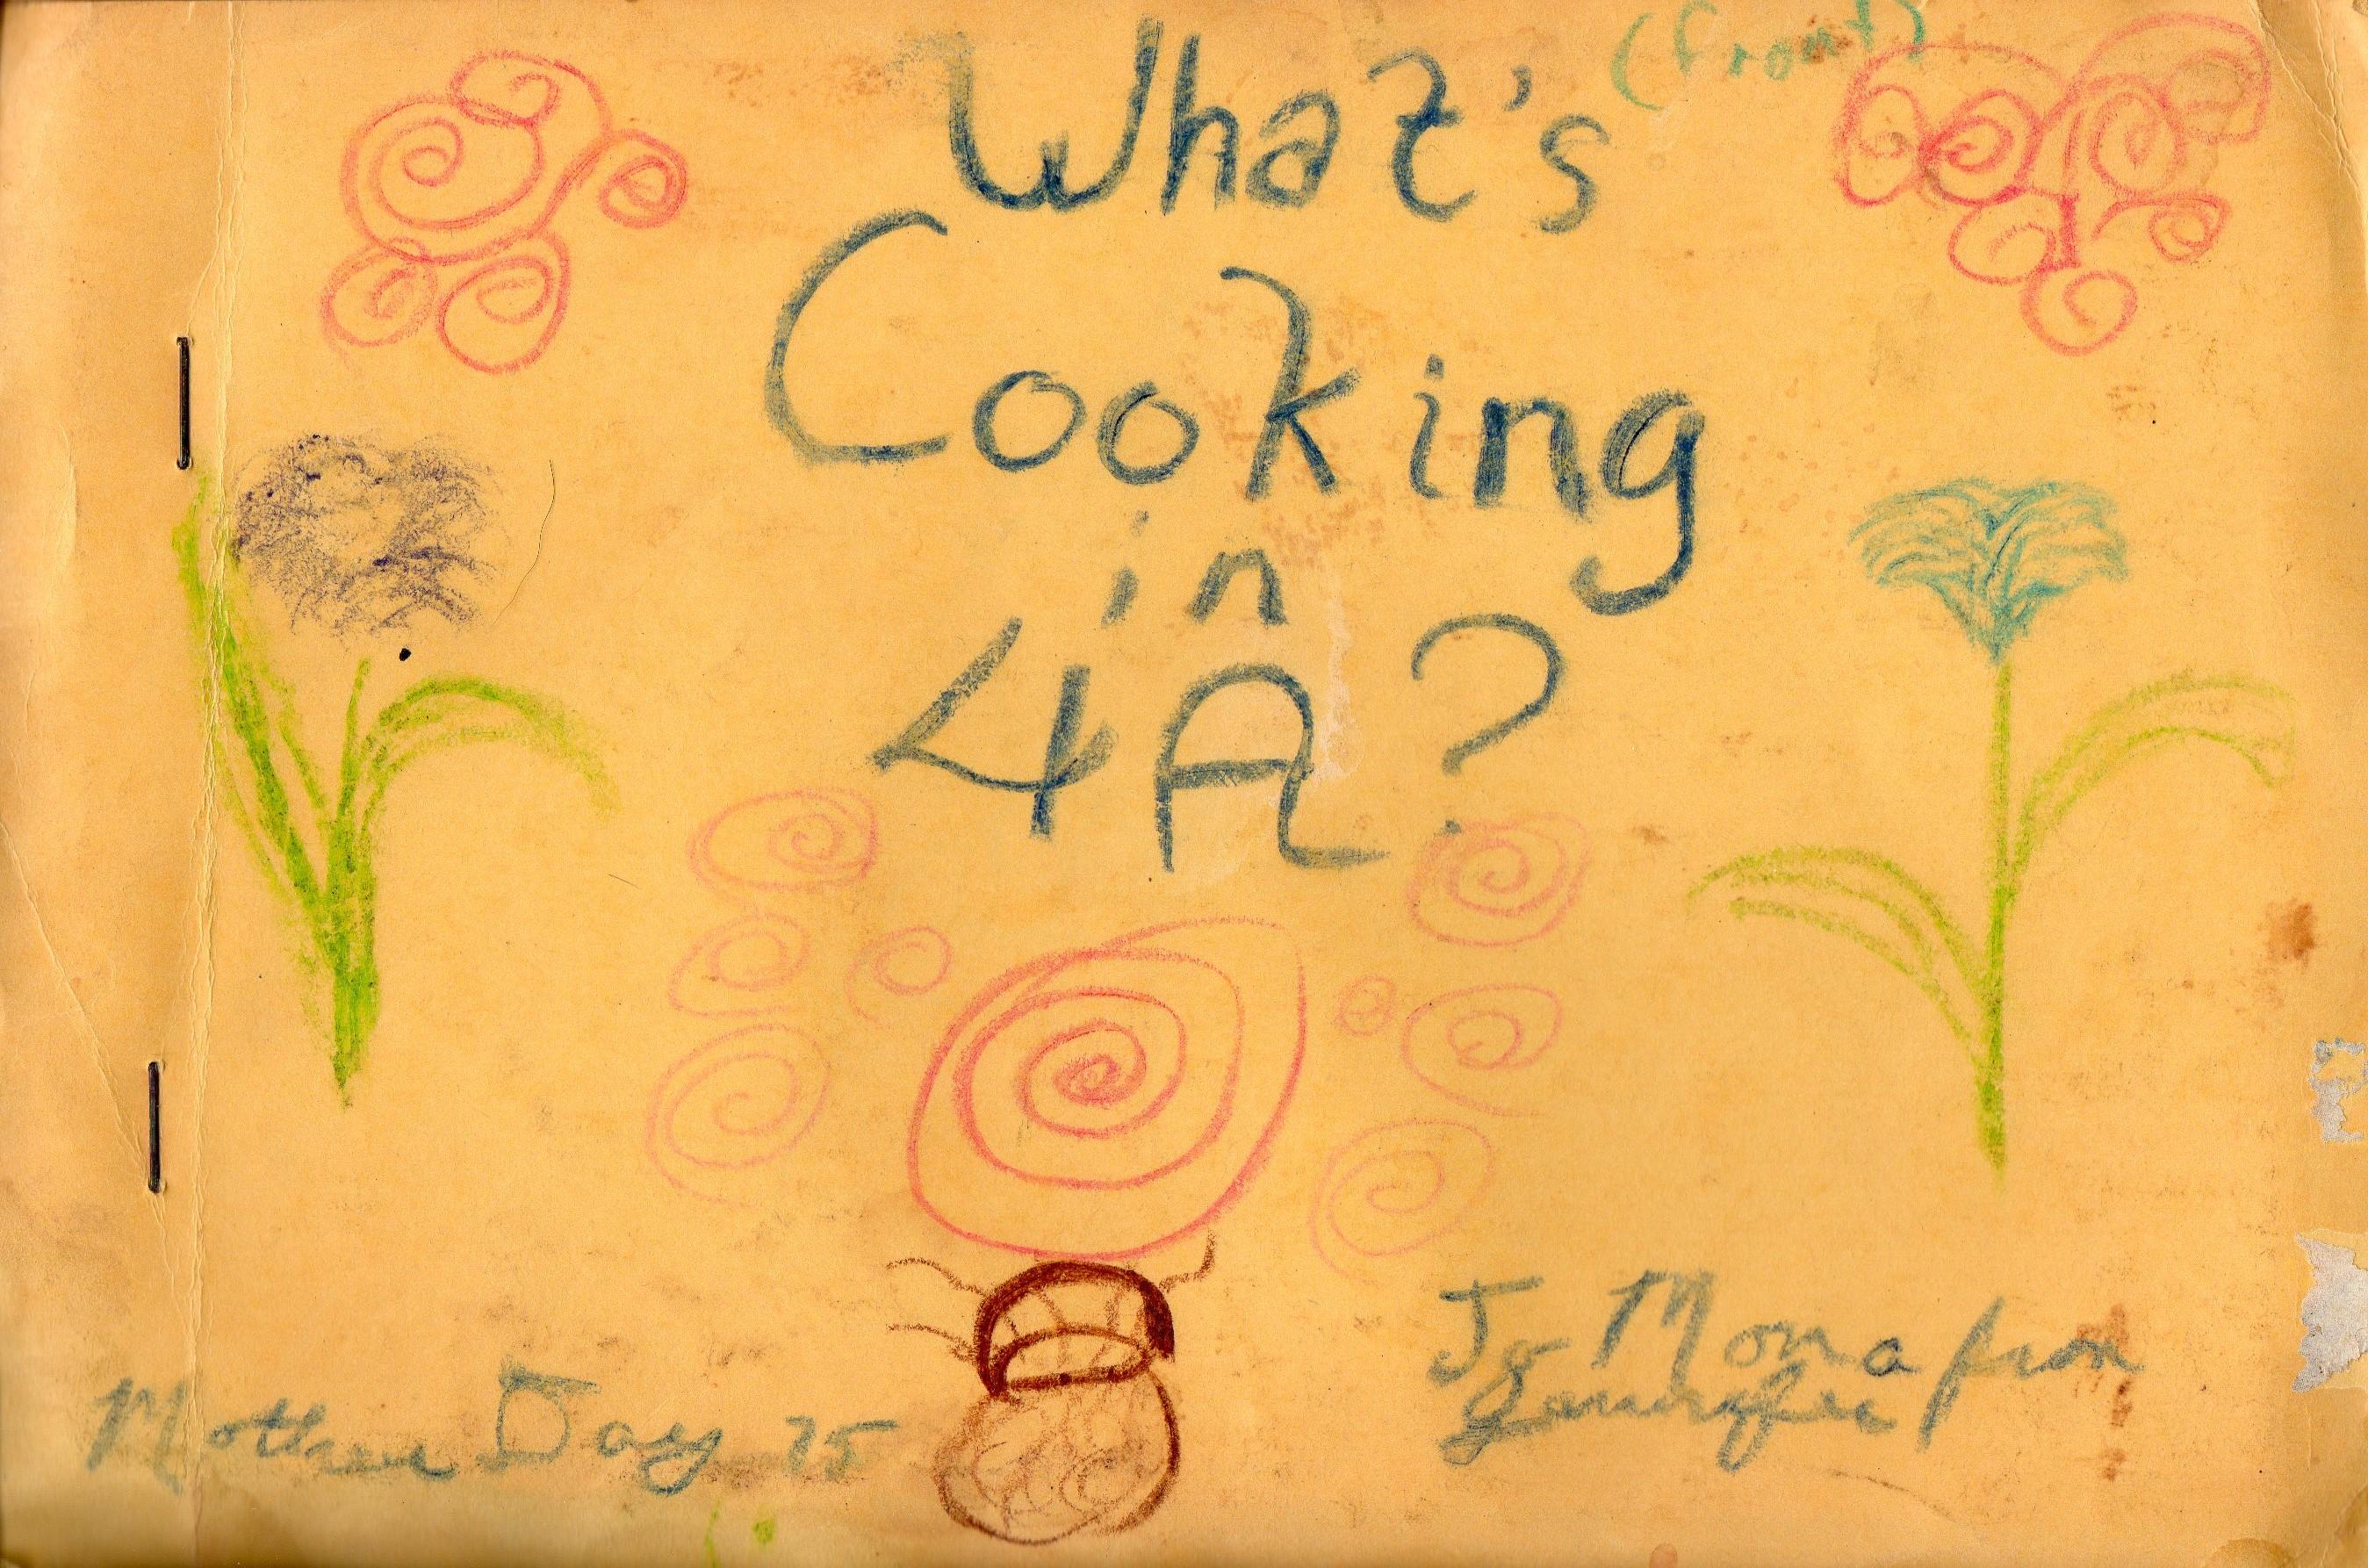 4th grade cookbook